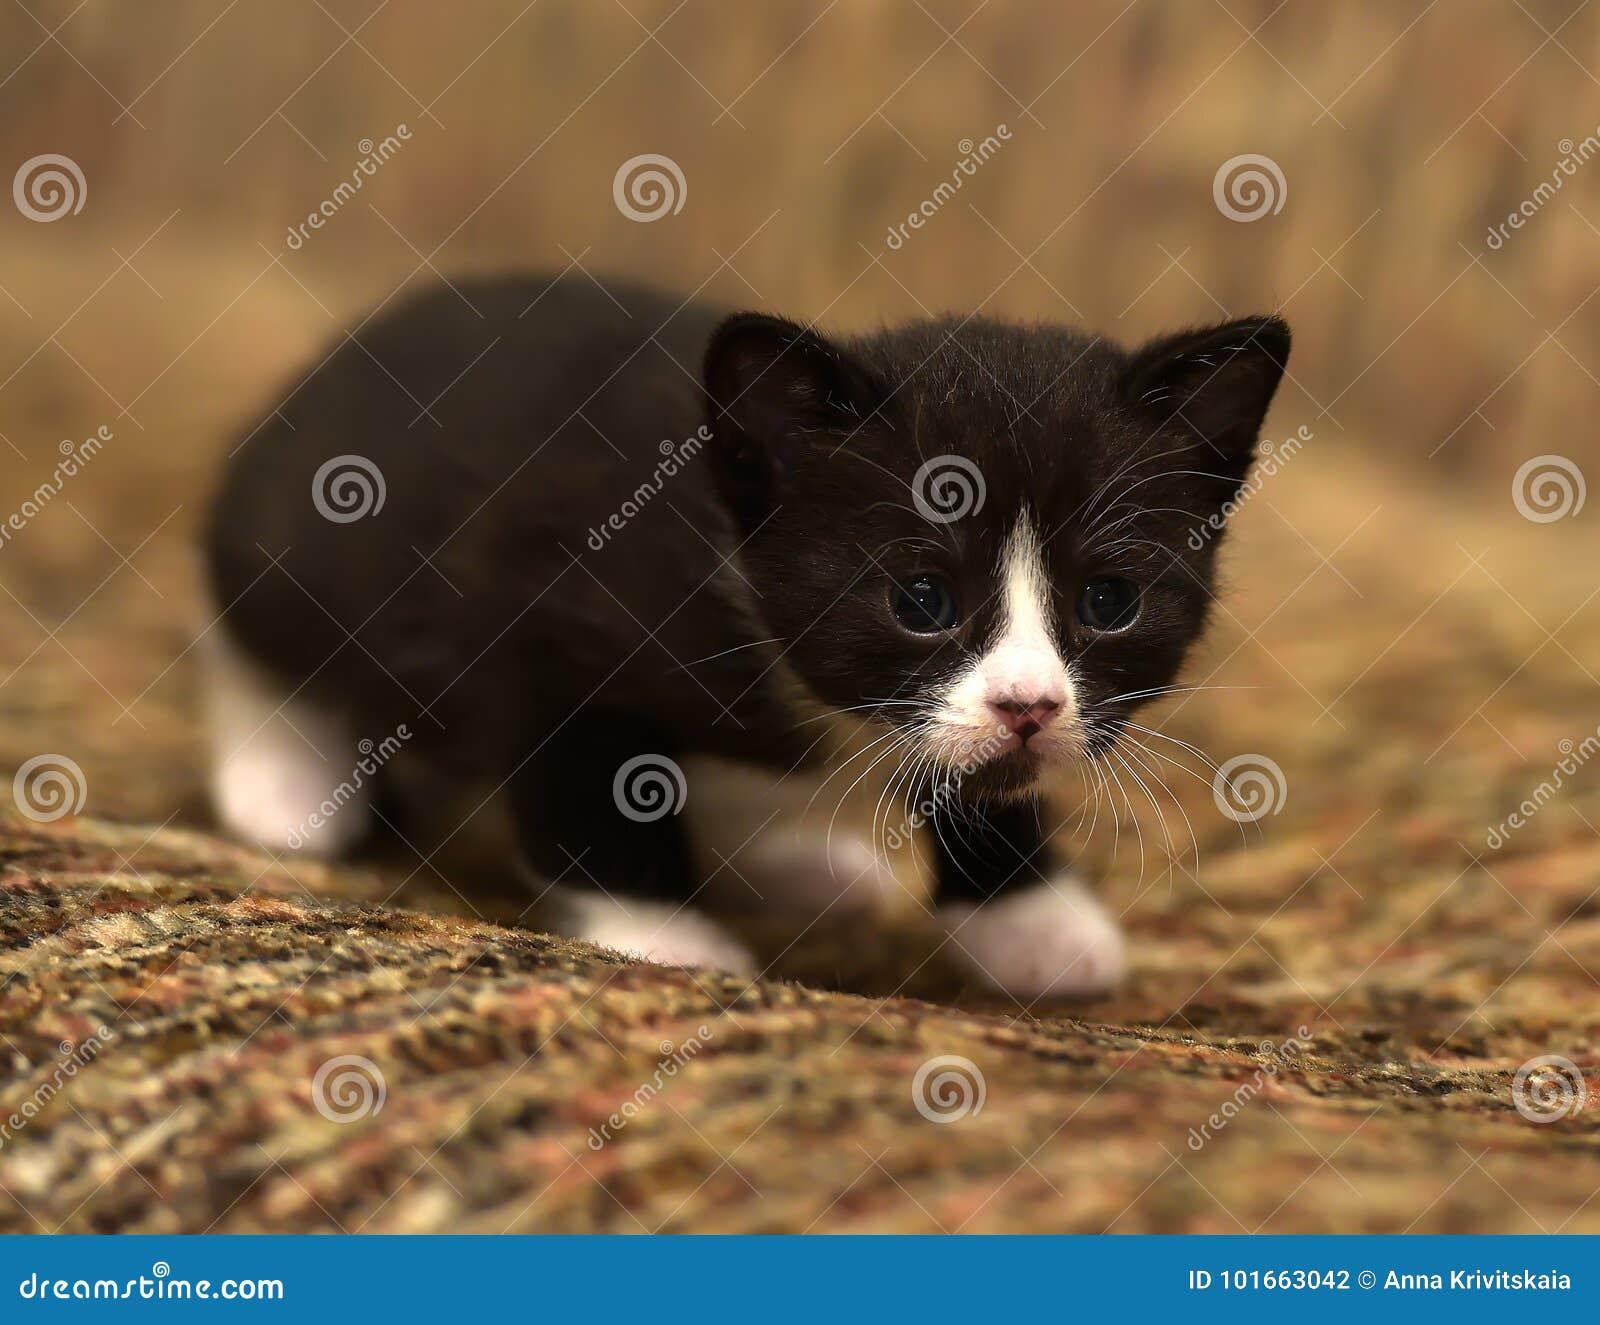 Il Piccolo Nero Divertente Con Un Gattino Bianco Fotografia Stock